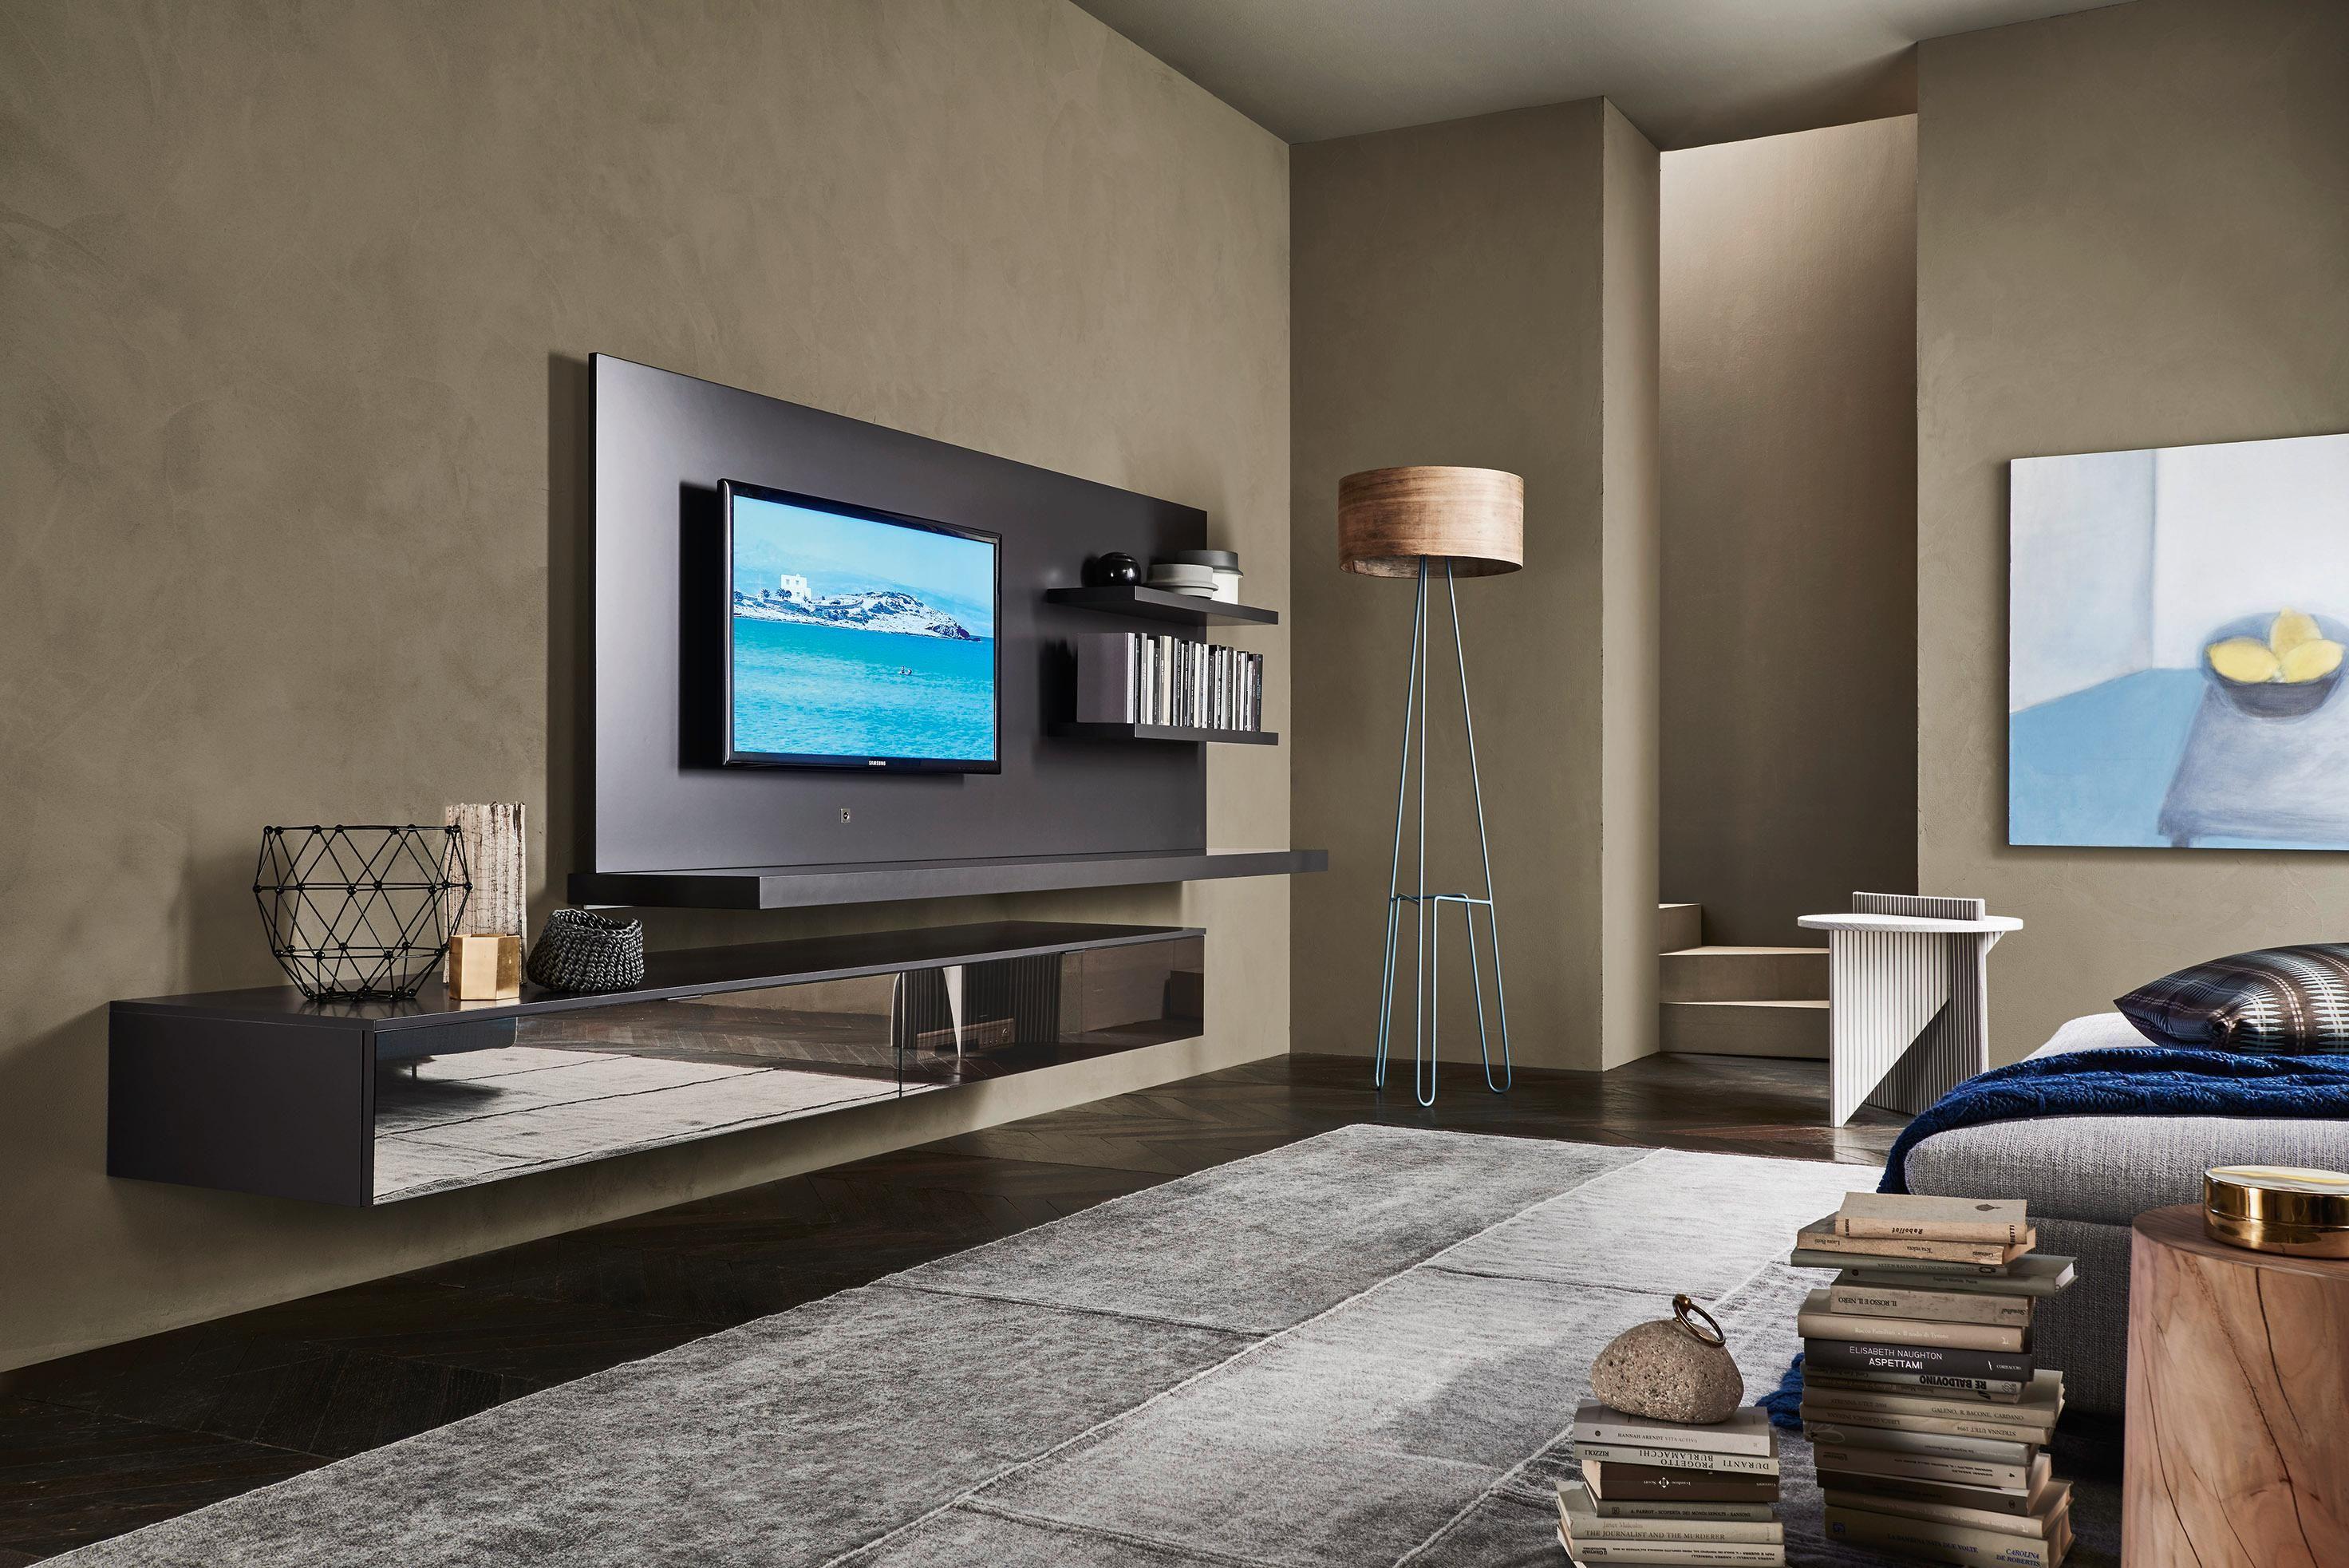 Wohnzimmer Fernsehwand in 10  Flat screen, Flatscreen tv